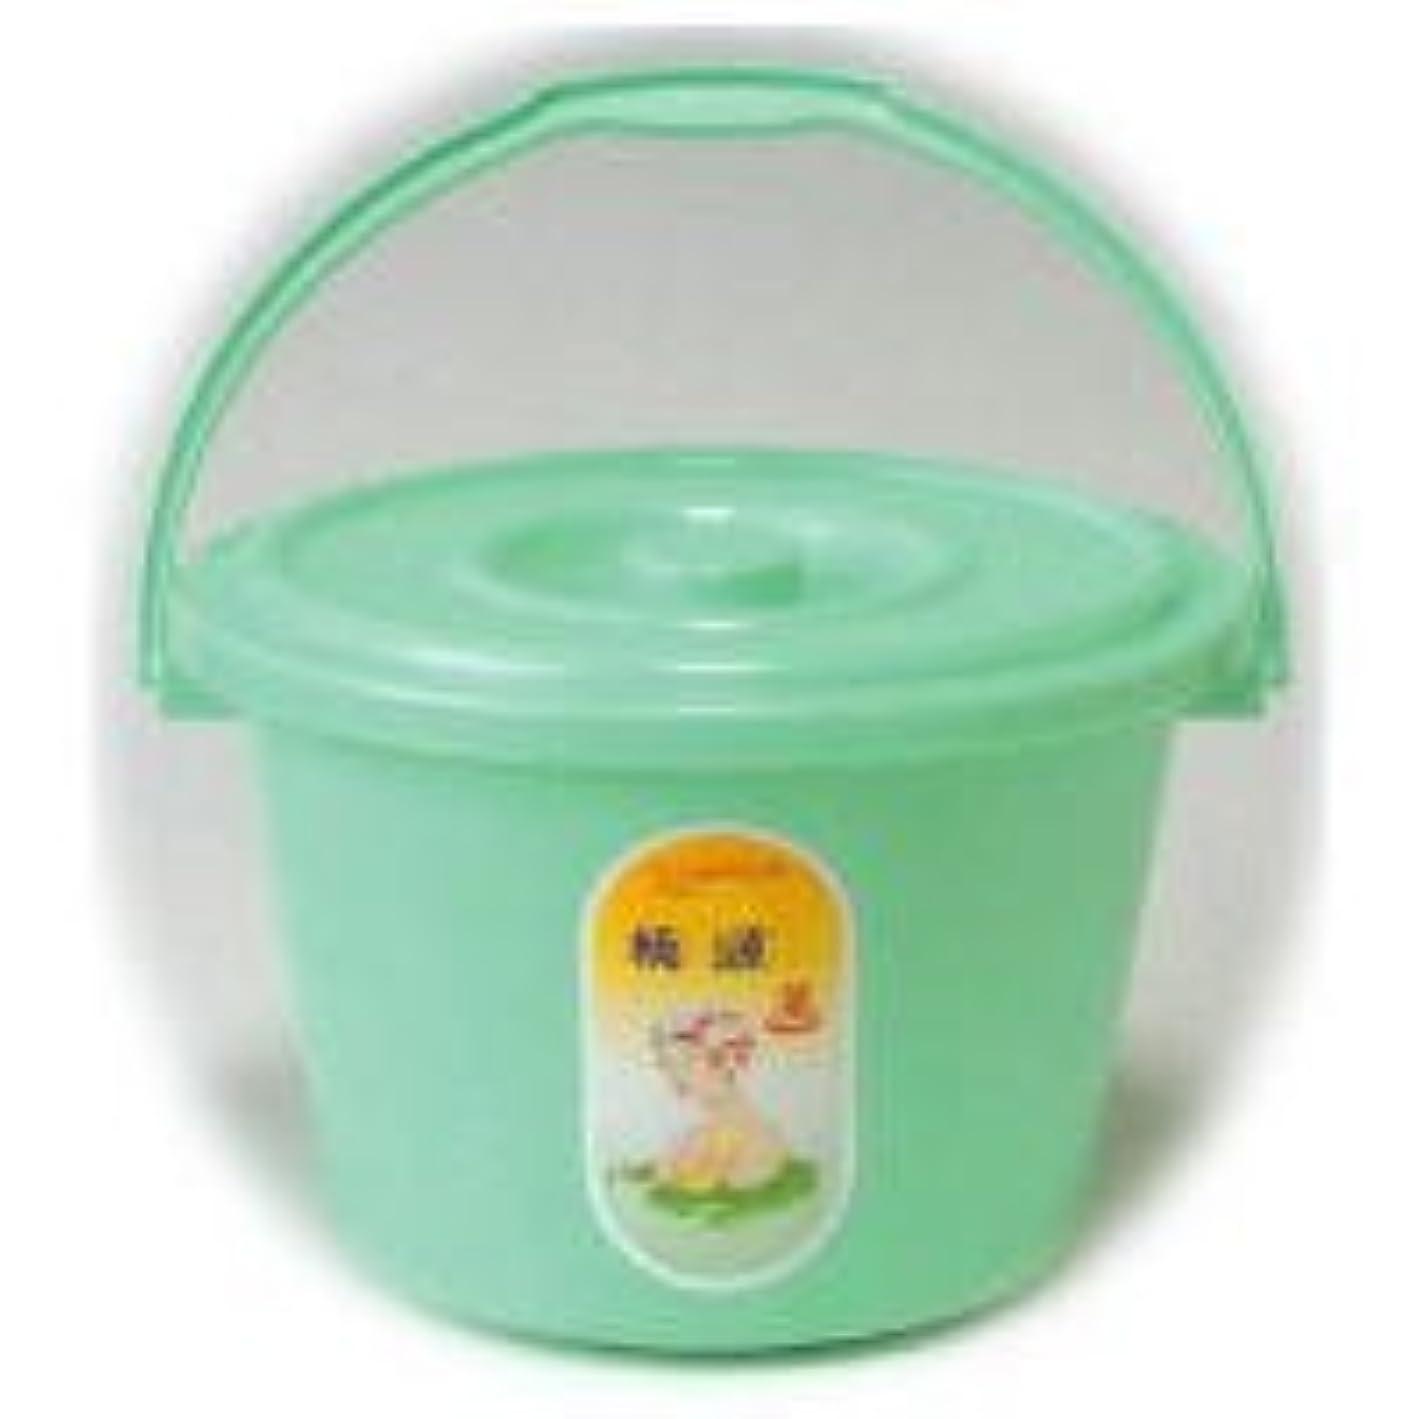 独占多用途費用桃源(とうげん) 桃の葉の精 4kg バケツ入り